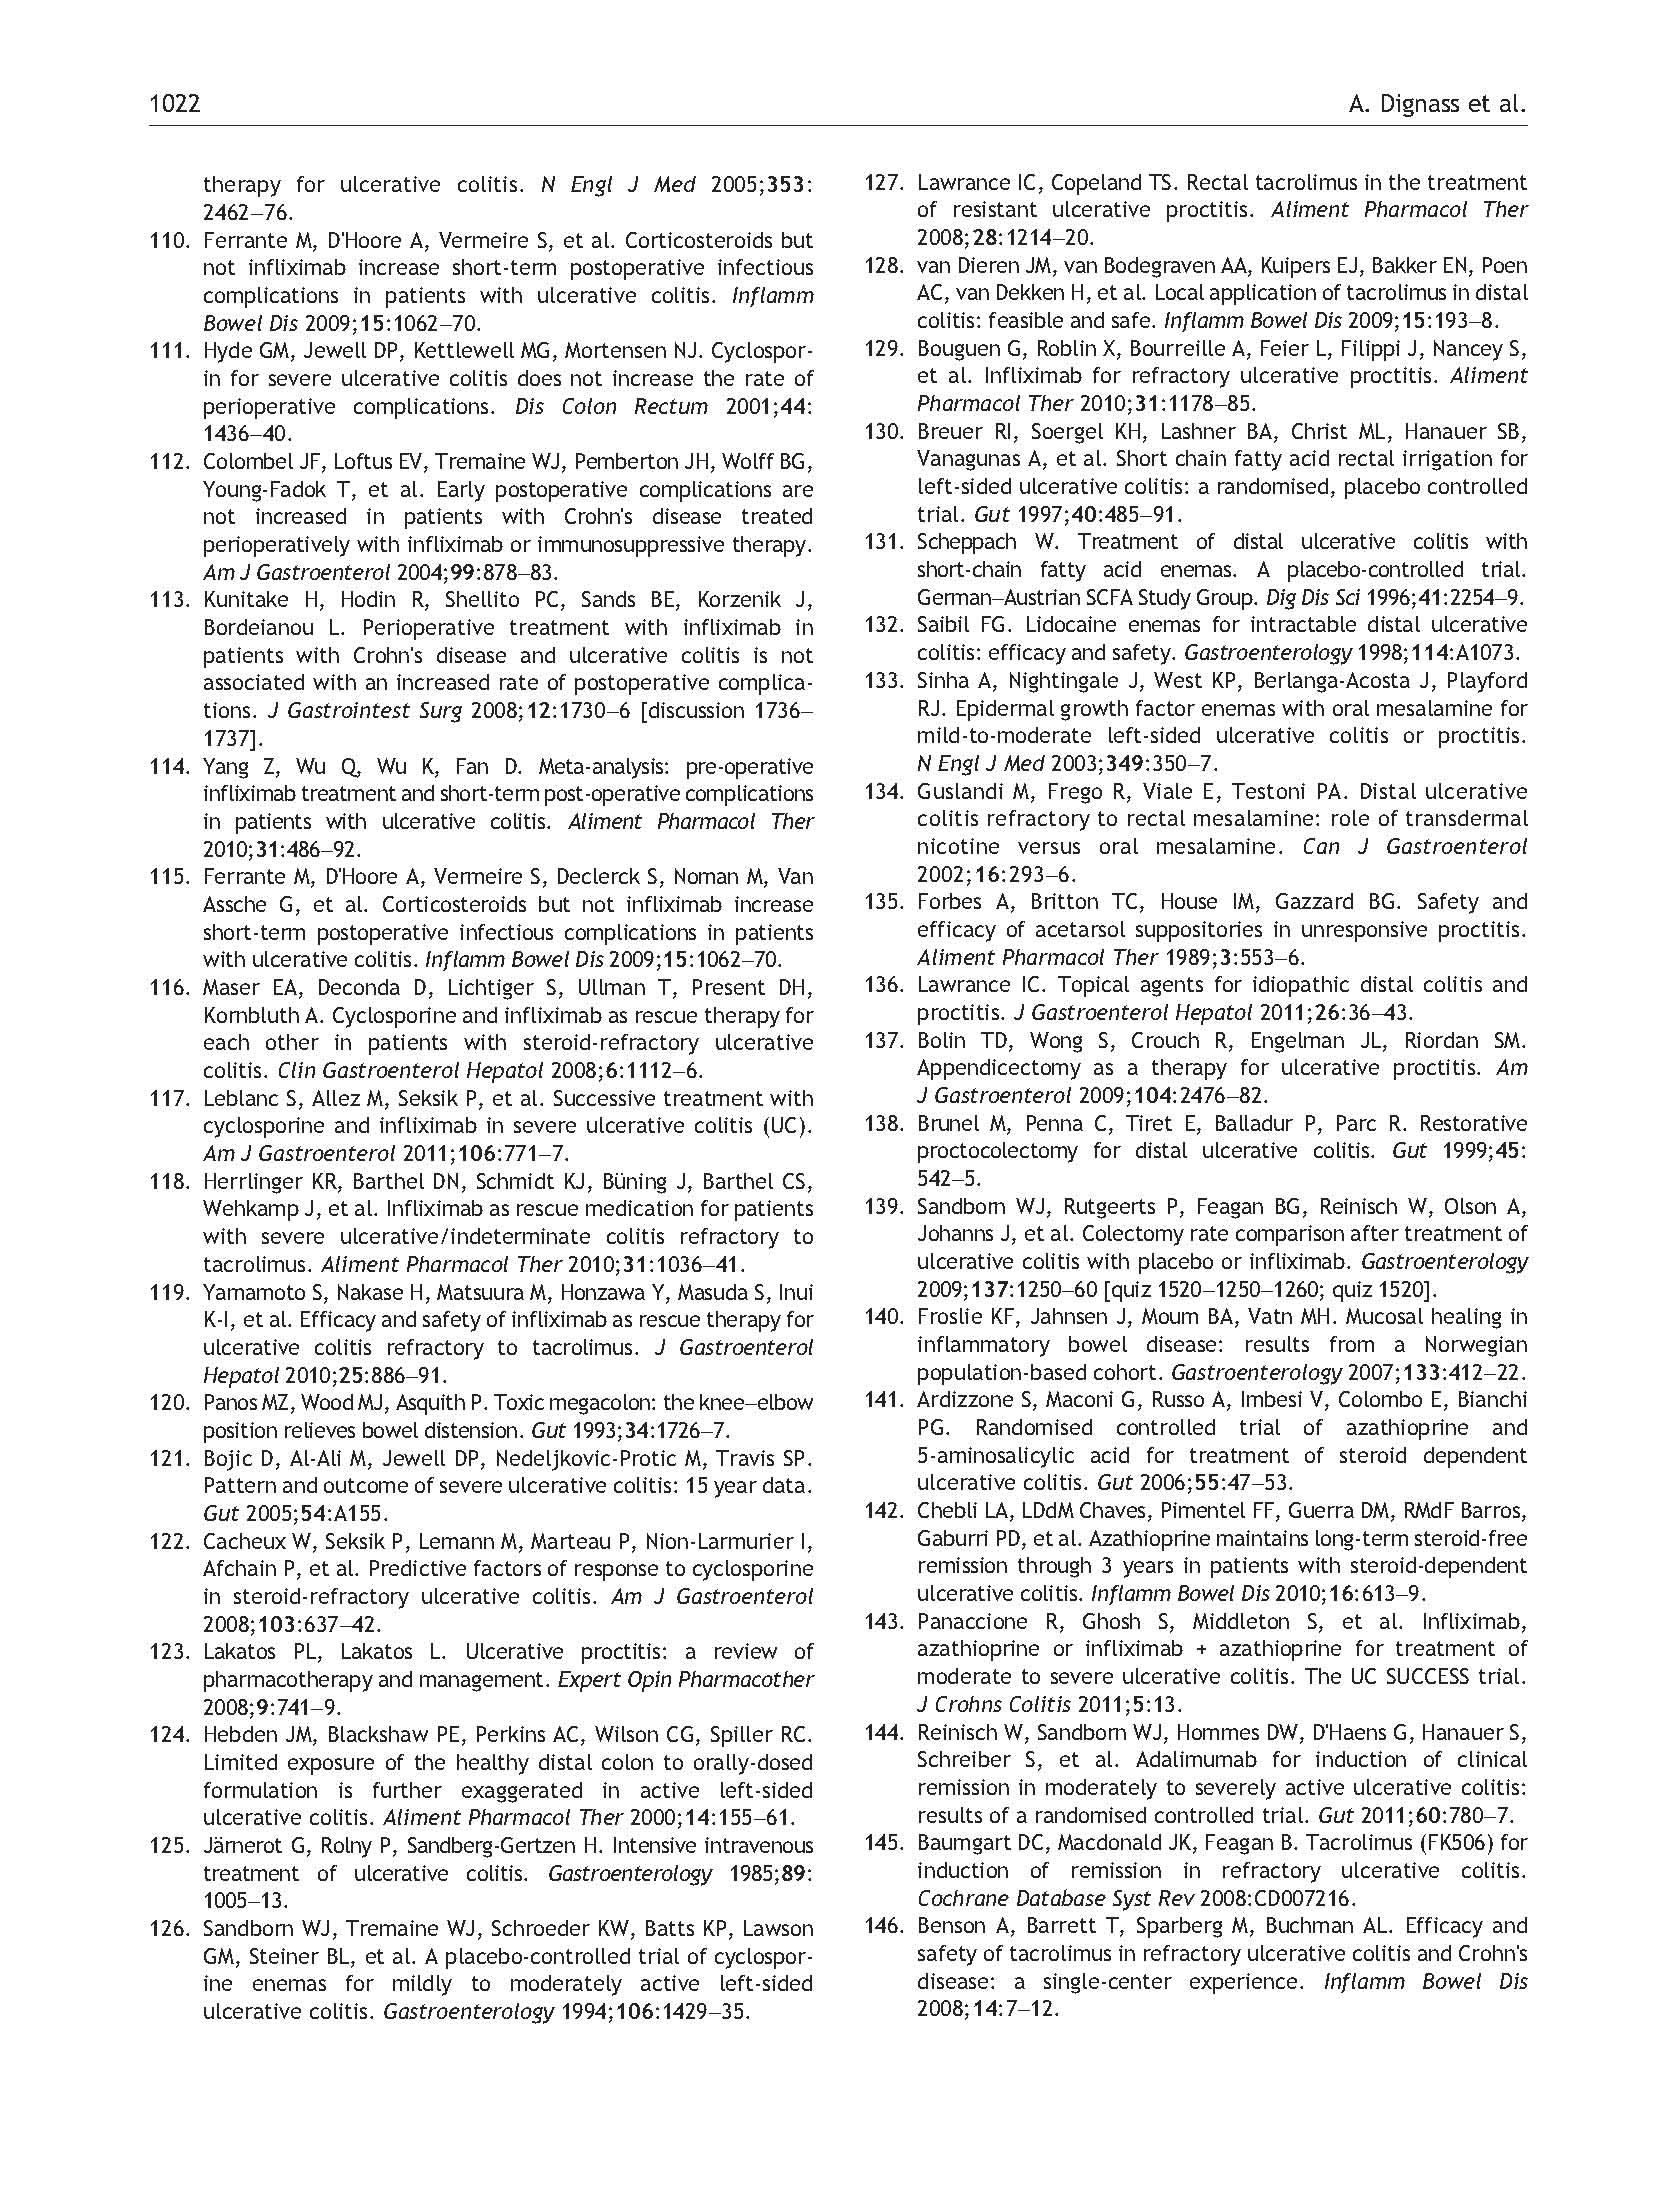 2012-ECCO第二版-欧洲询证共识:溃疡性结肠炎的诊断和处理—日常处理_页面_32.jpg